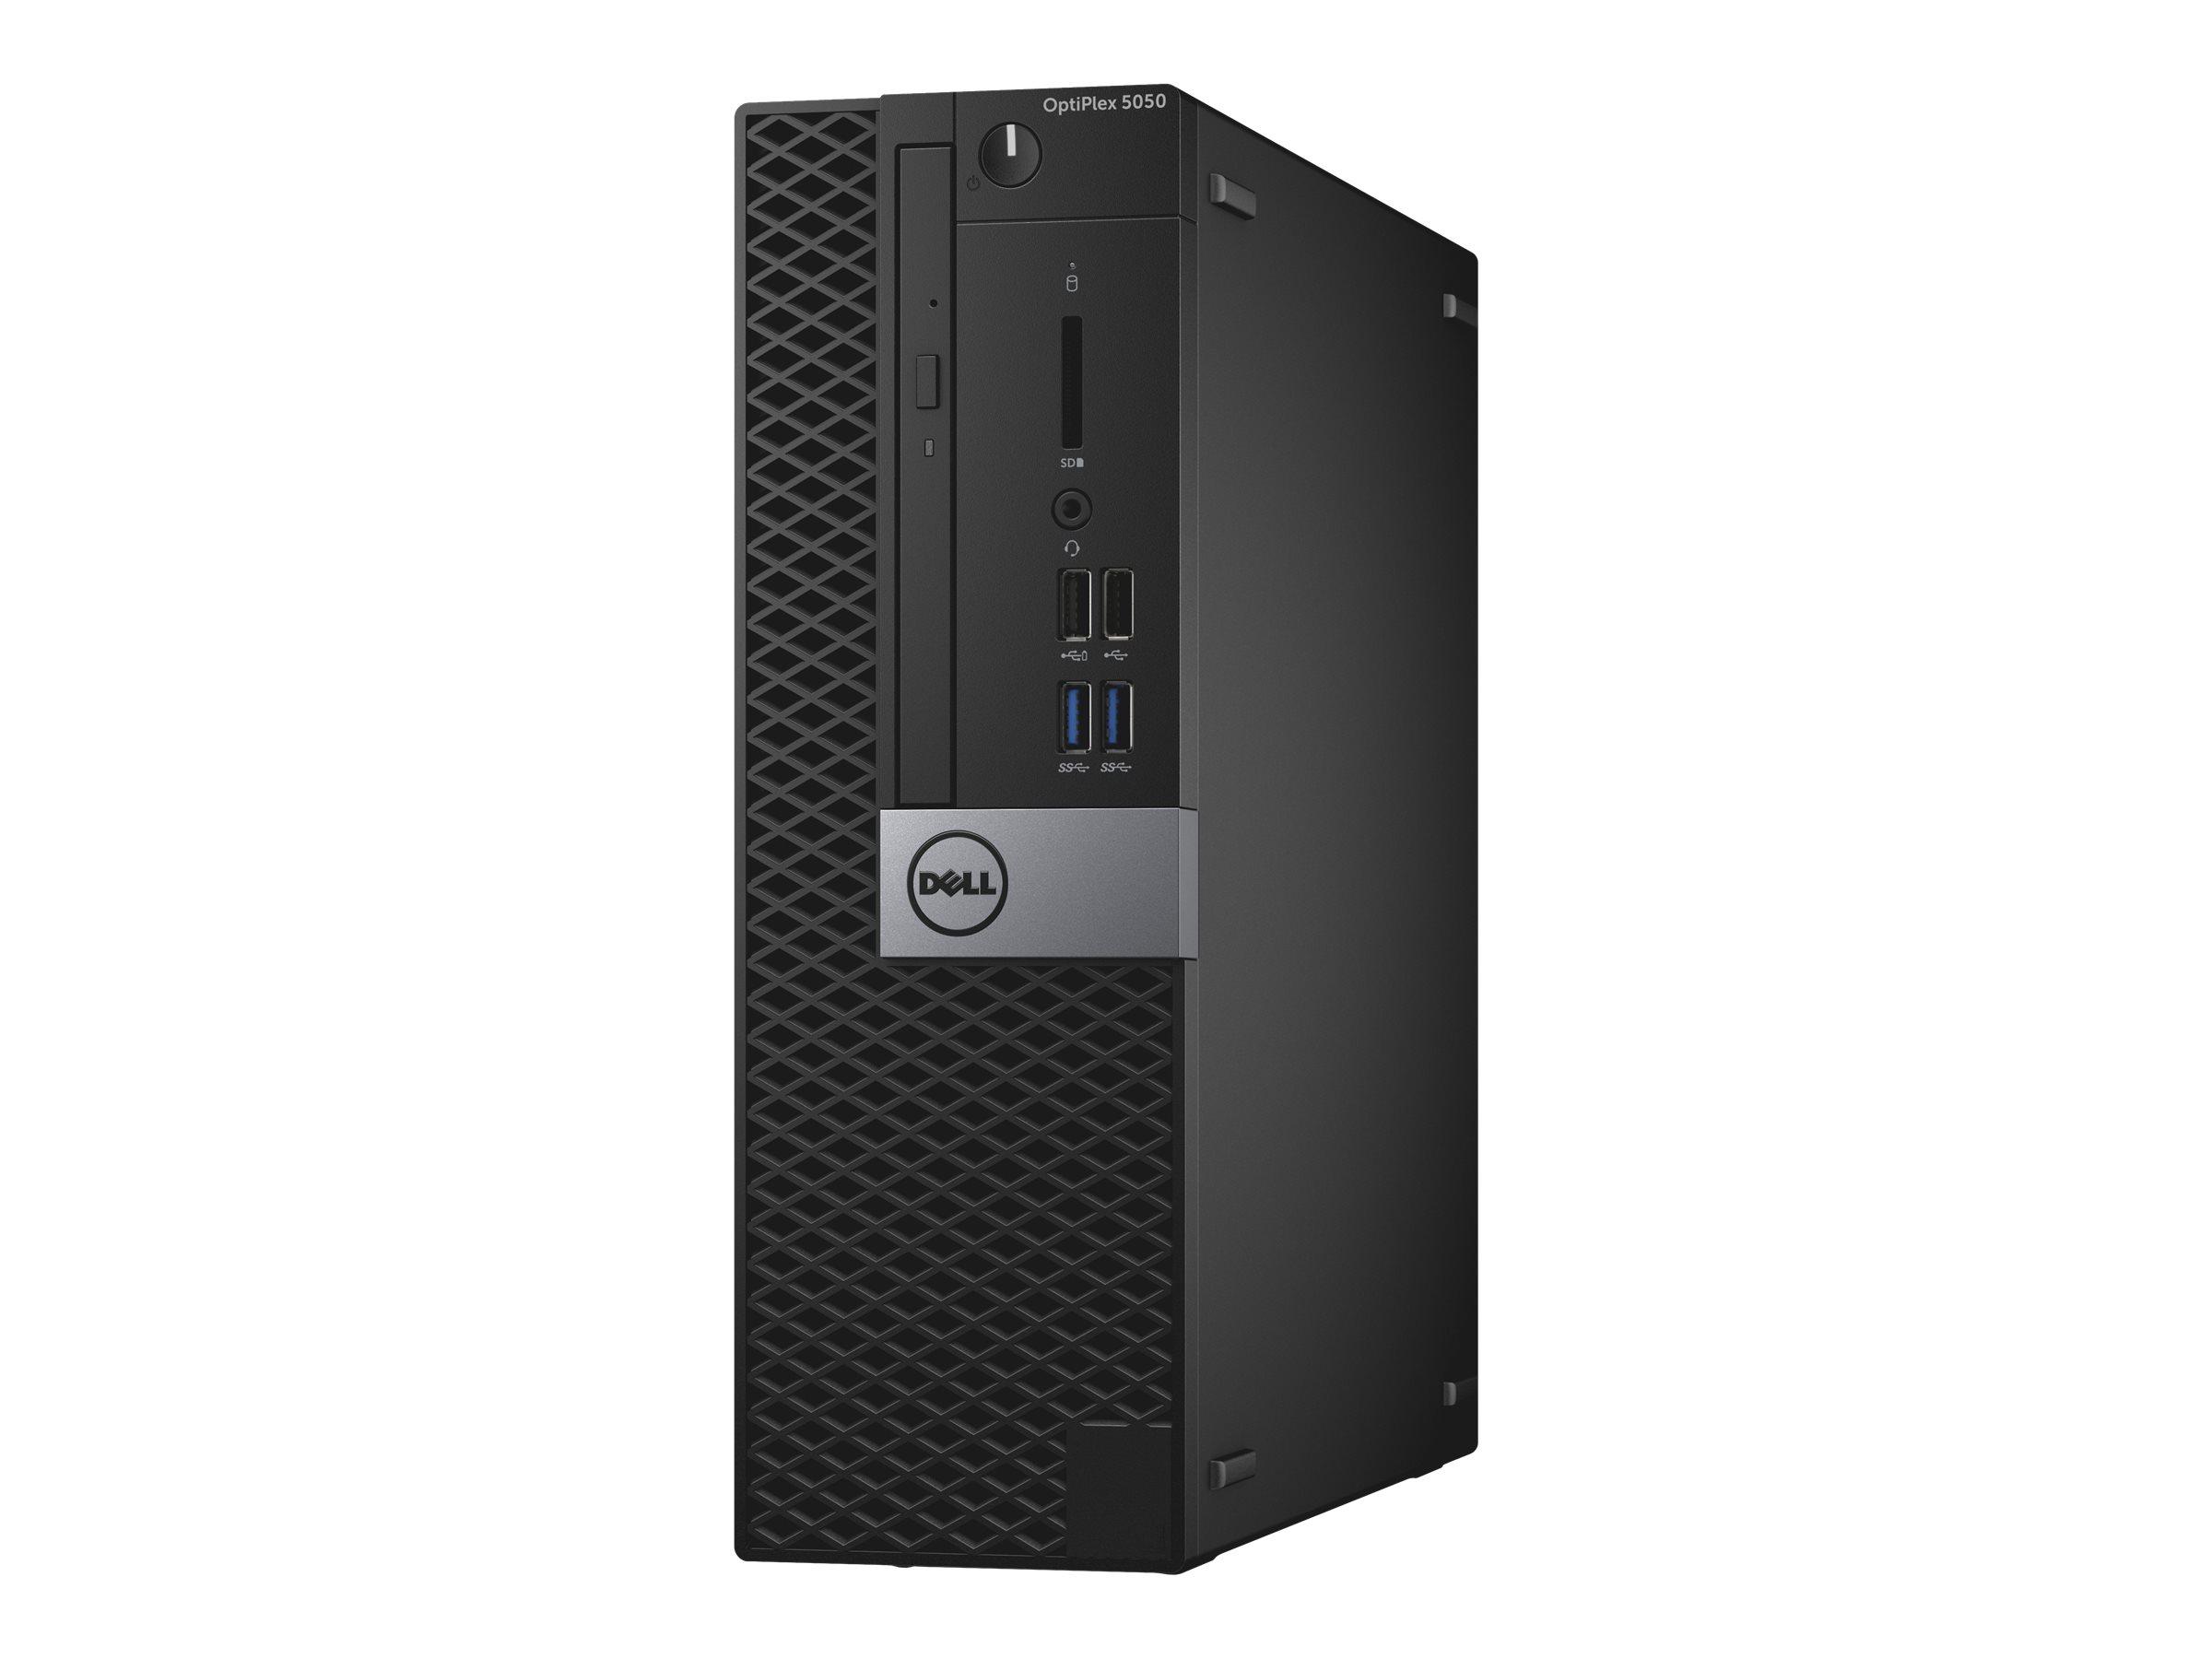 Dell OptiPlex 5050 - SFF - 1 x Core i5 7500 / 3.4 GHz - RAM 8 GB - SSD 128 GB - DVD-Writer